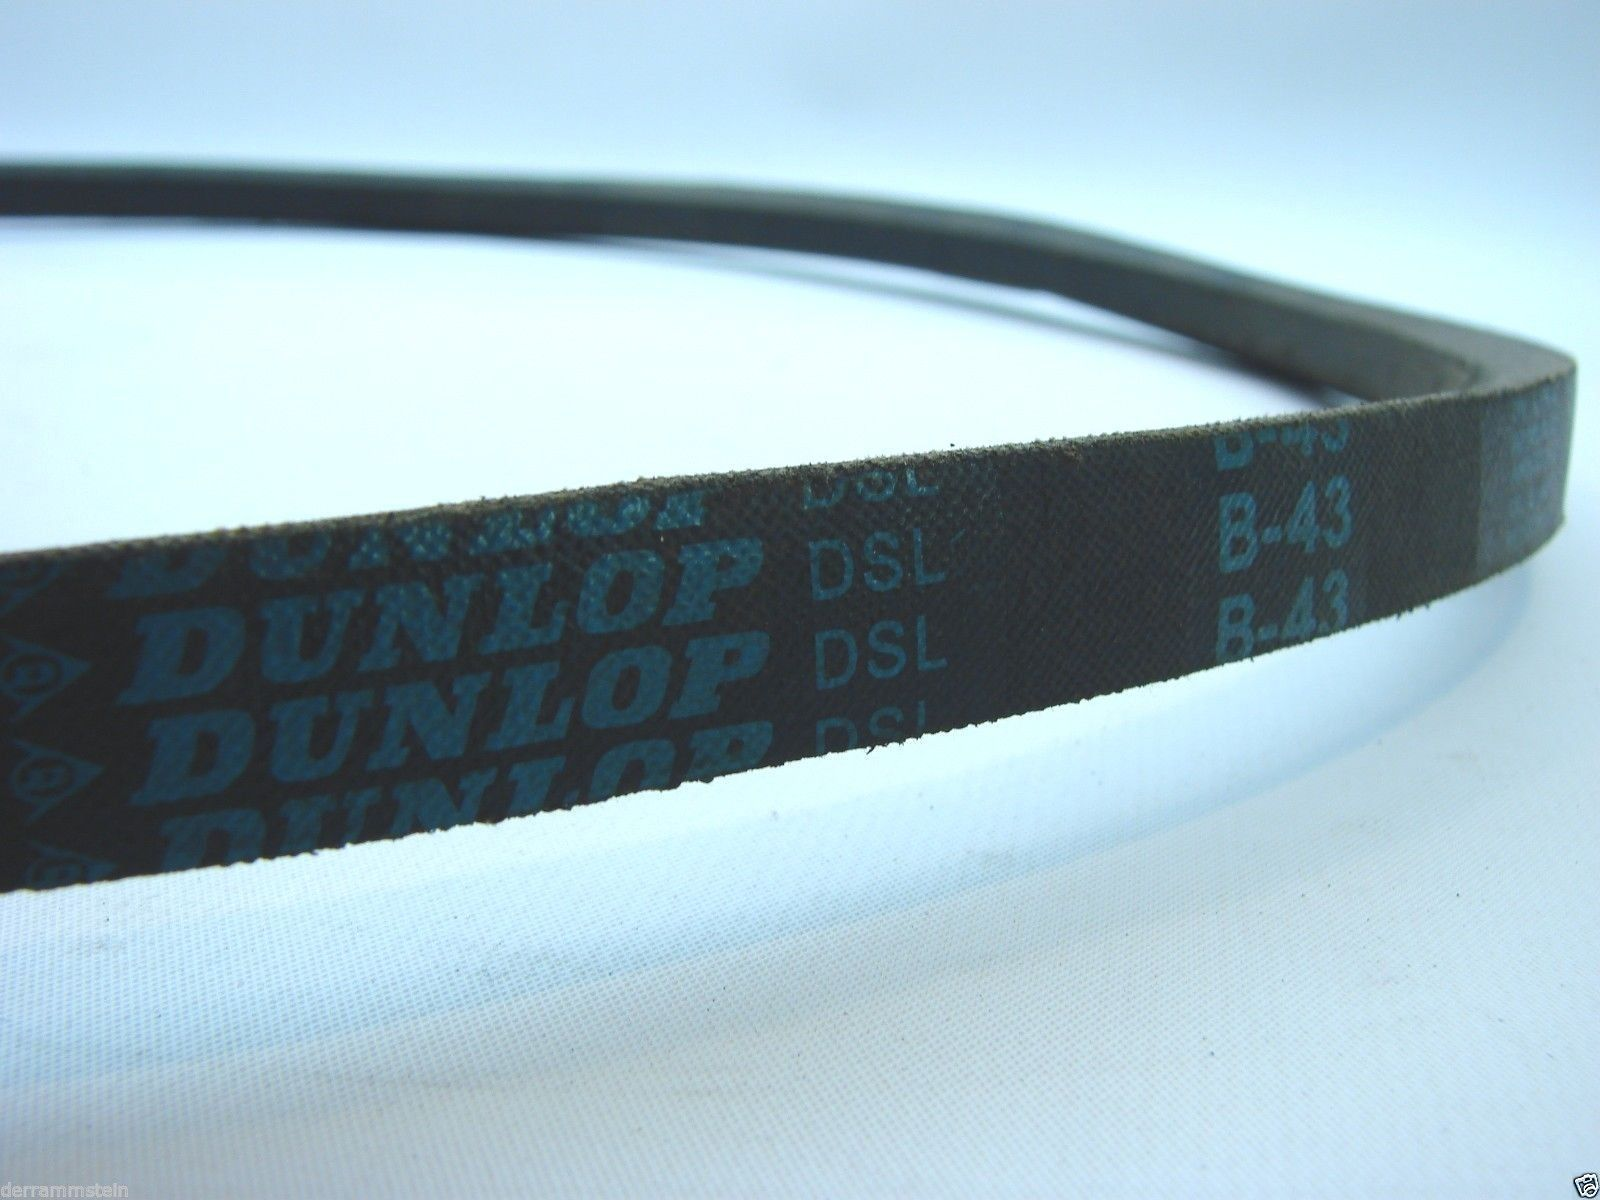 DUNLOP 3VX1000 Replacement Belt